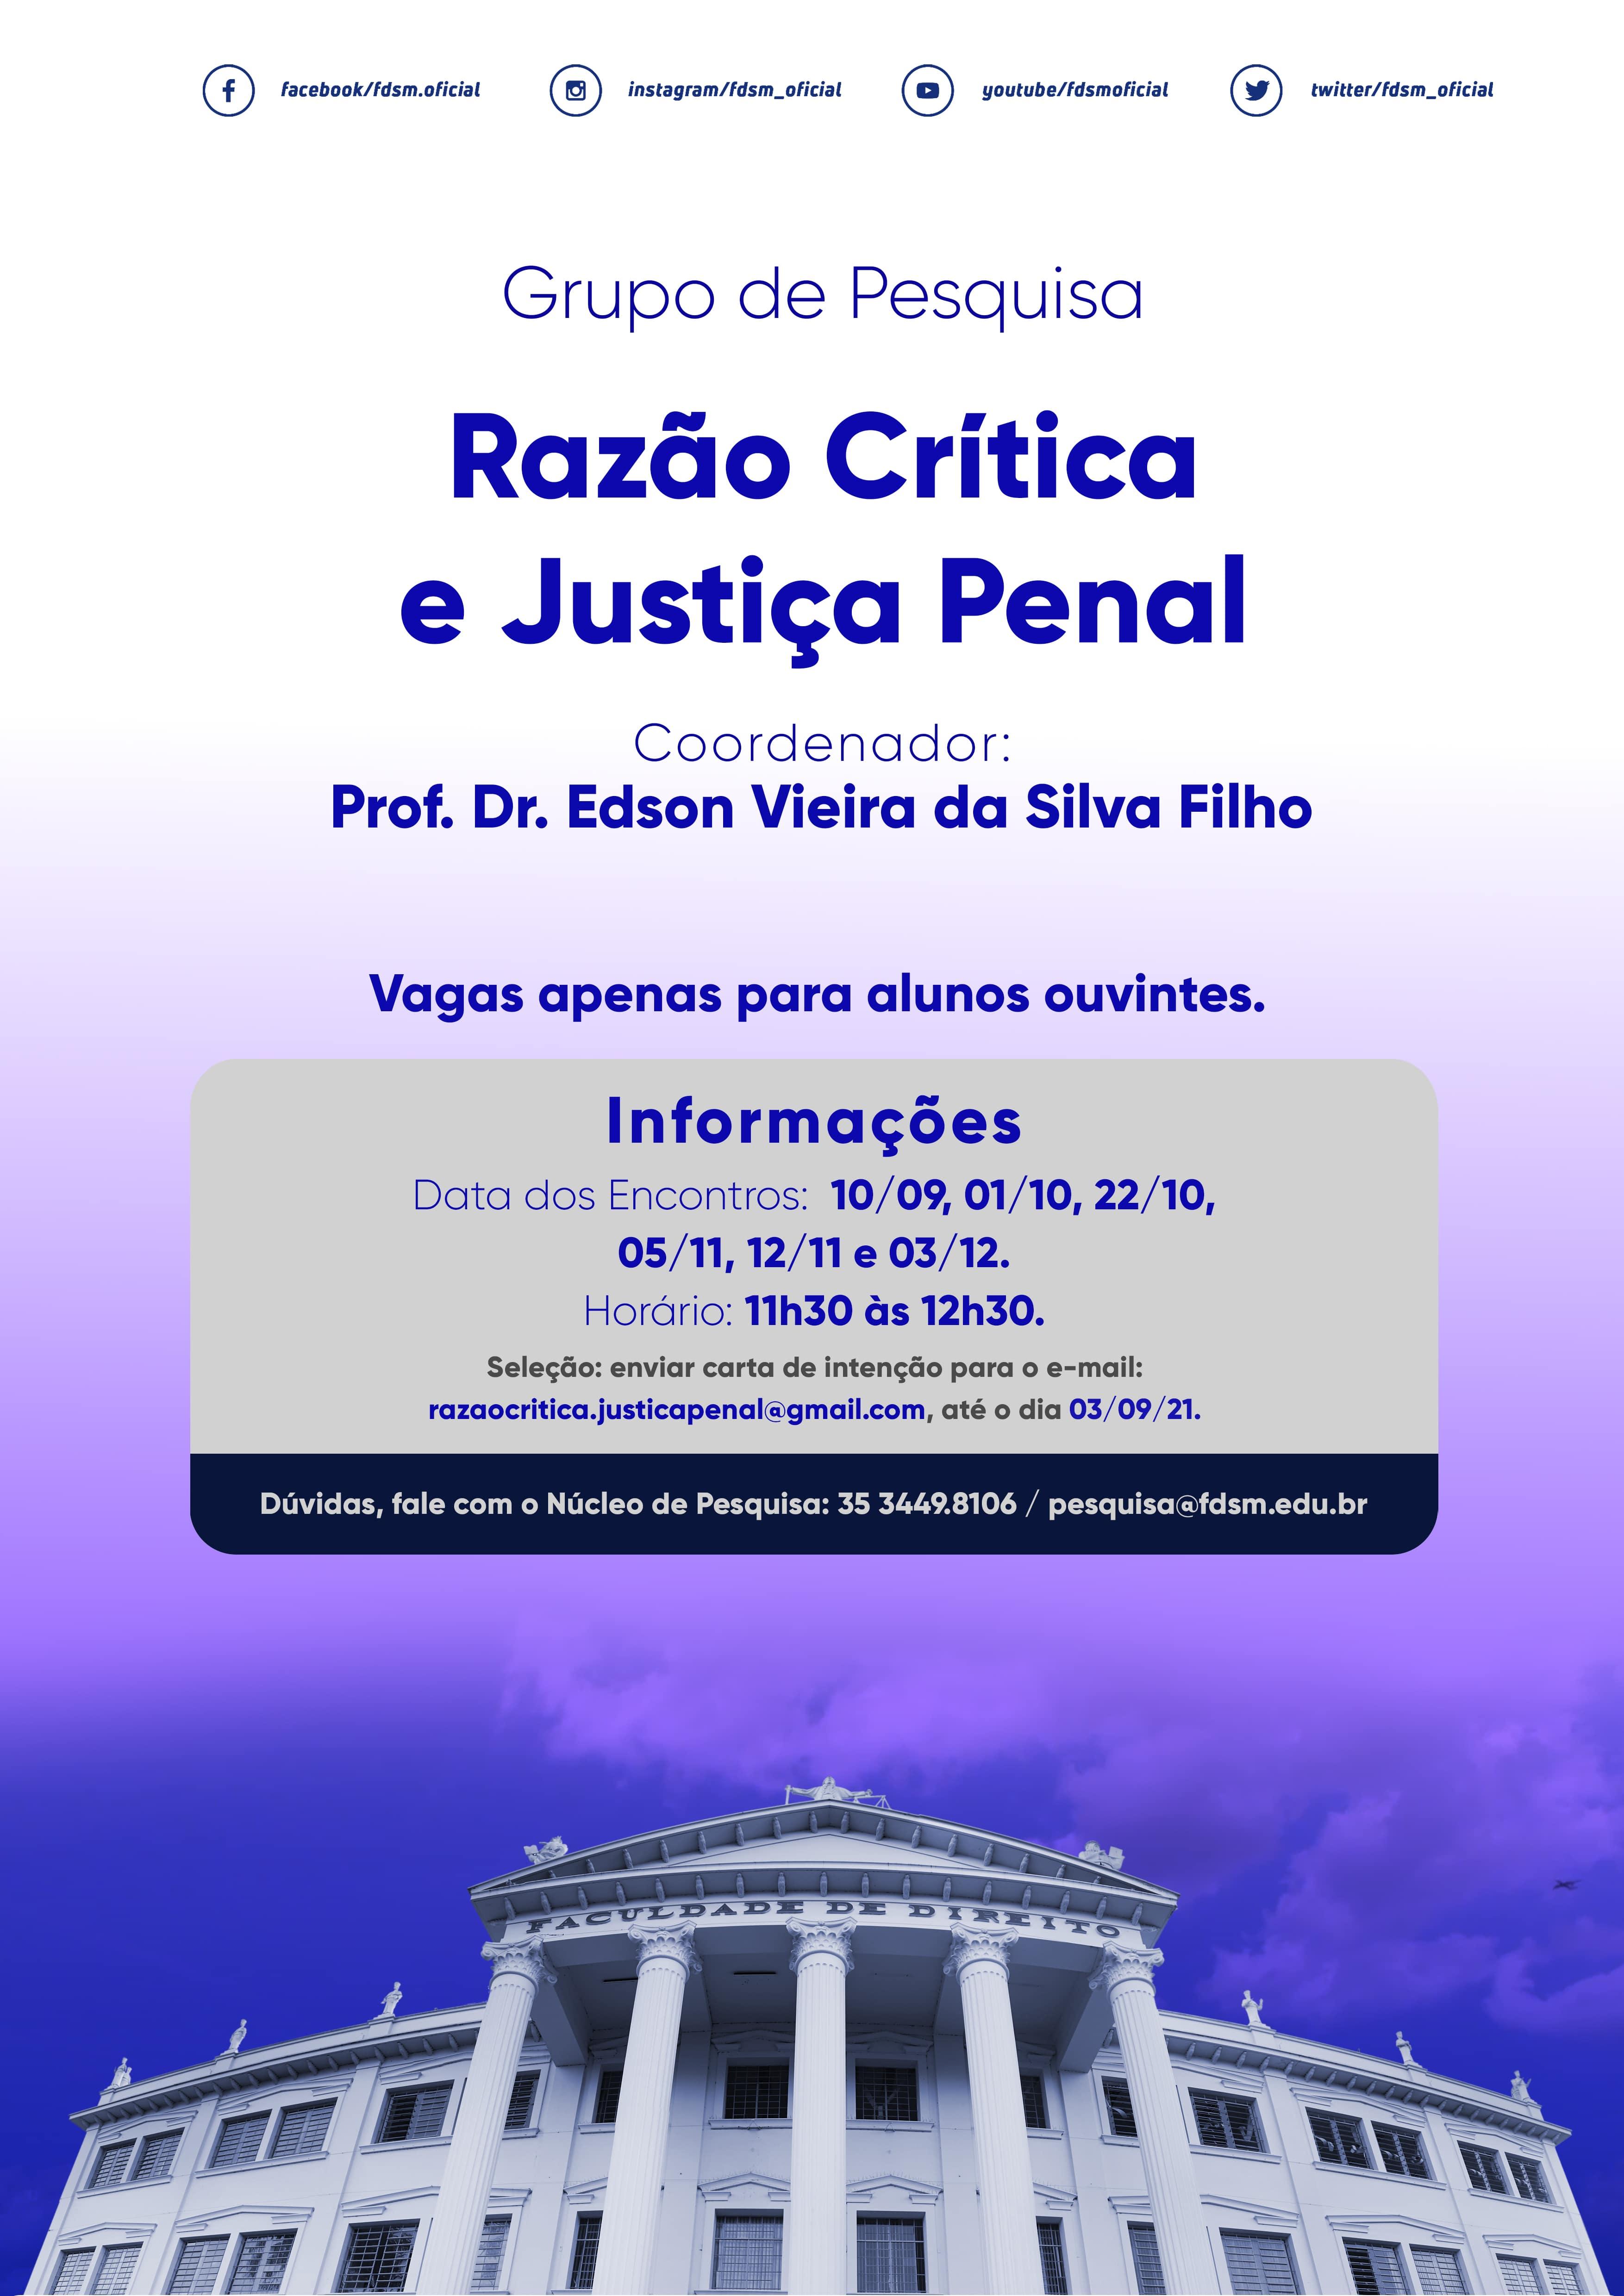 Evento 791 - GRUPO DE PESQUISA RAZÃO CRÍTICA E JUSTIÇA PENAL